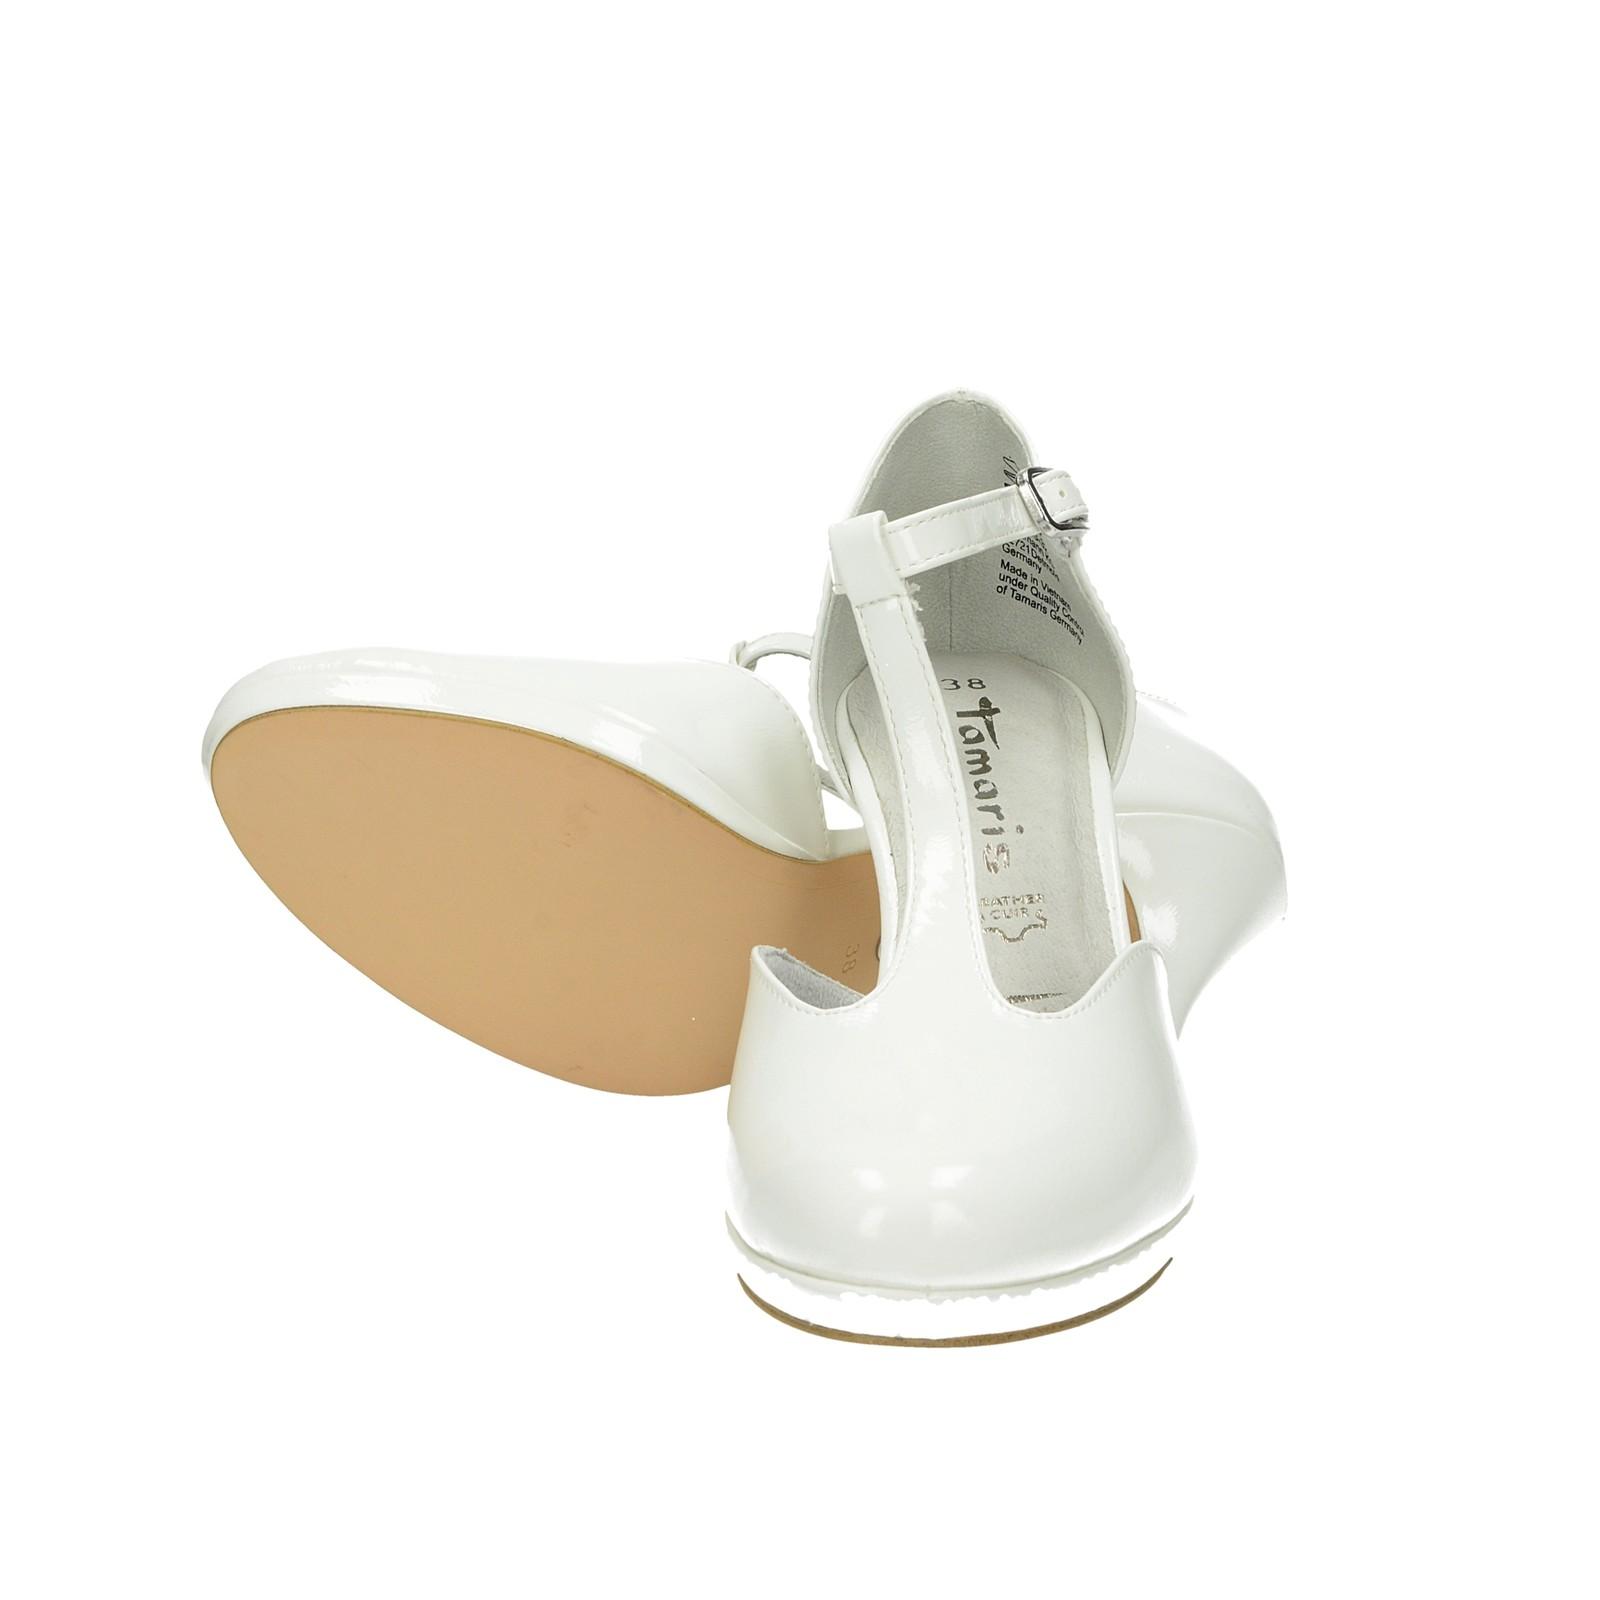 Tamaris dámské stylové lodičky s řemínkem - bílé